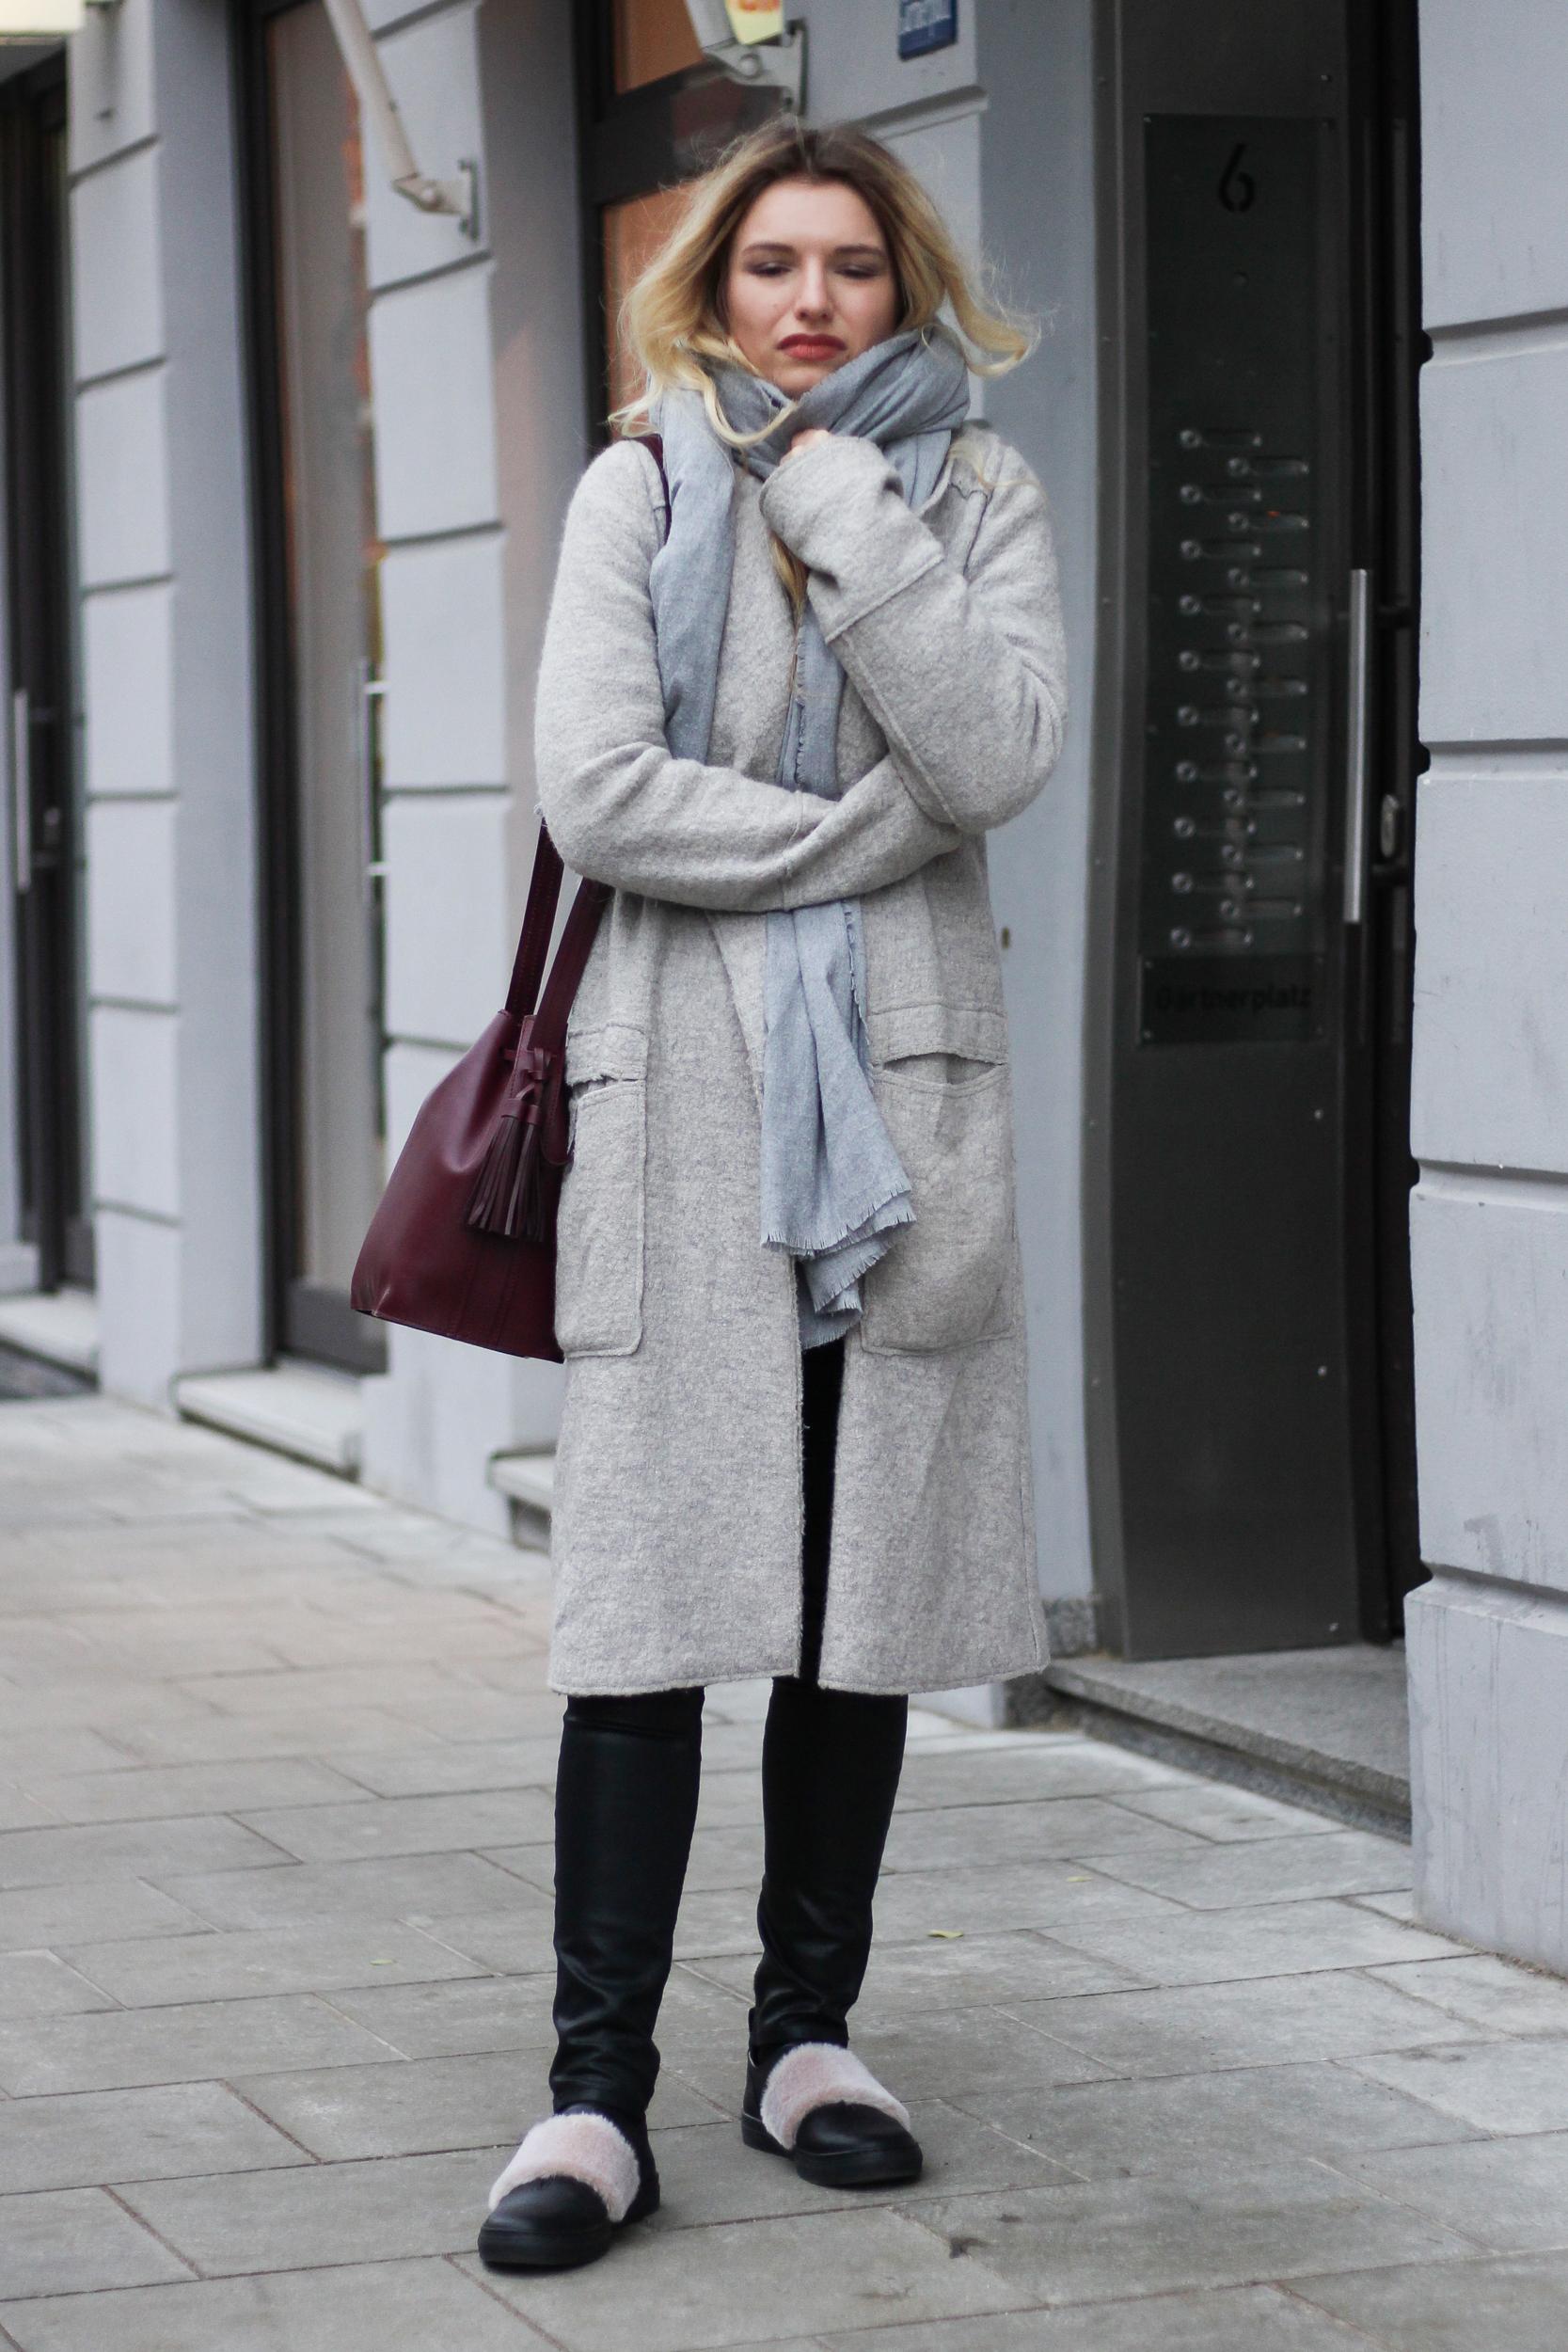 franziska-elea-blogger-aus-muenchen-fashionblog-mode-blog-streetstyle-mantel-von-zara-grau-bodenlanger-coat-outtakes-haessliche-fotos-peinliche-bilder